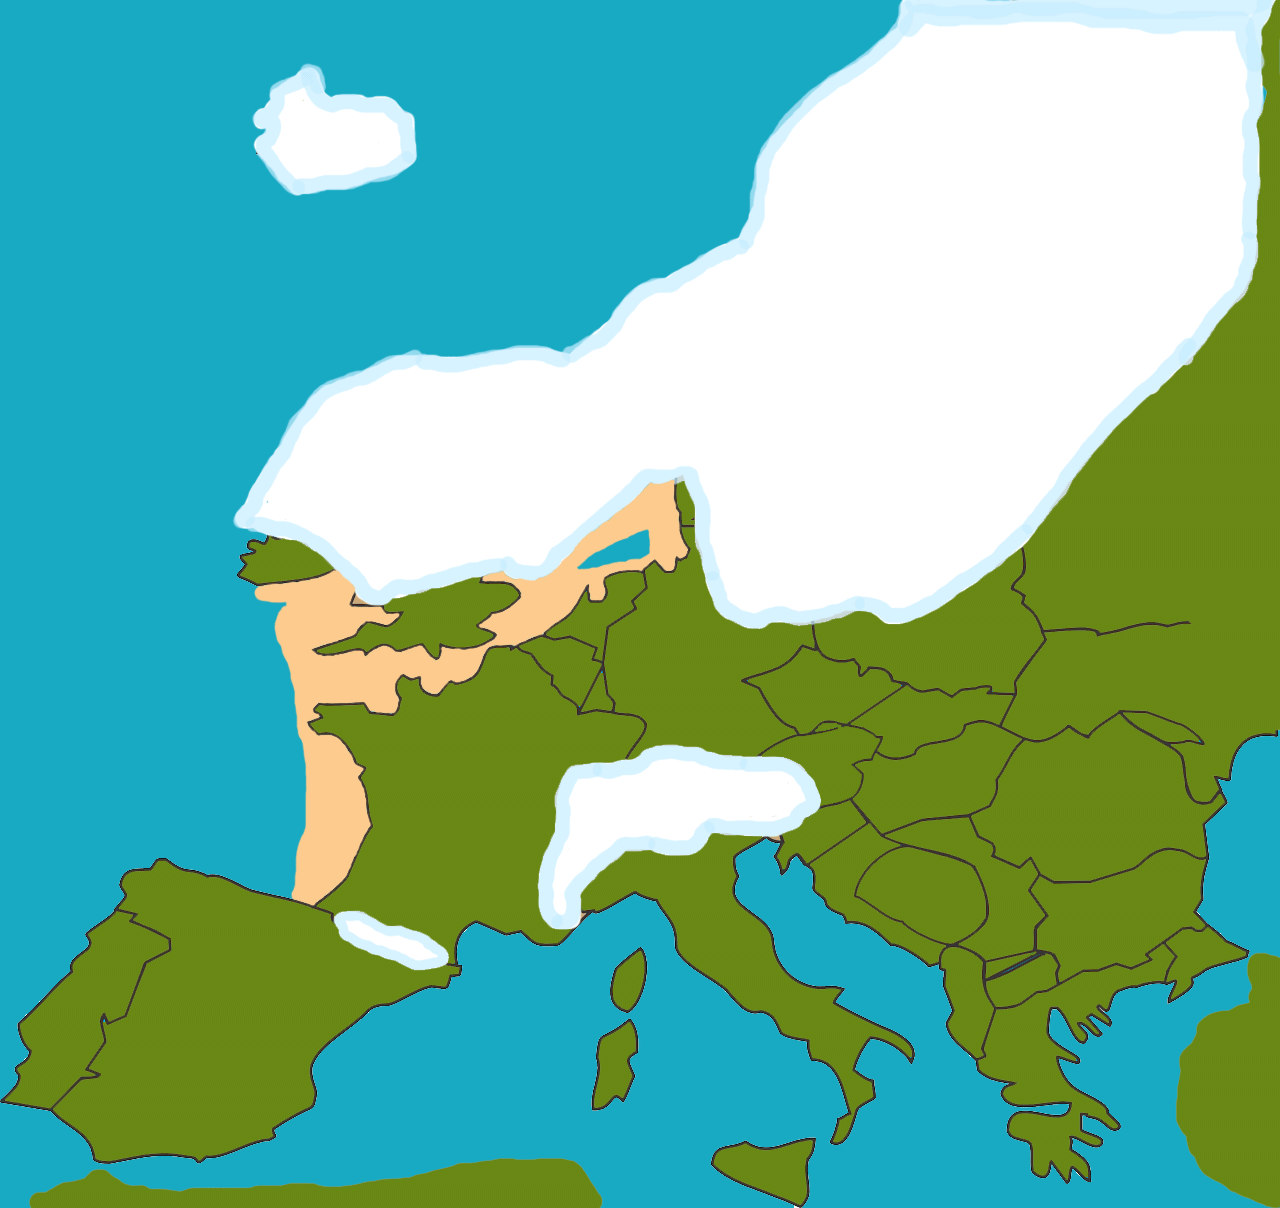 Gedurende het Weichselien bereikte het ijs Nederland niet. Het was hier echter wel bitterkoud. Door de grote ijsmassa's in het Noorden werd het water uit de Noordzee getrokken en deze stond dan ook droog.